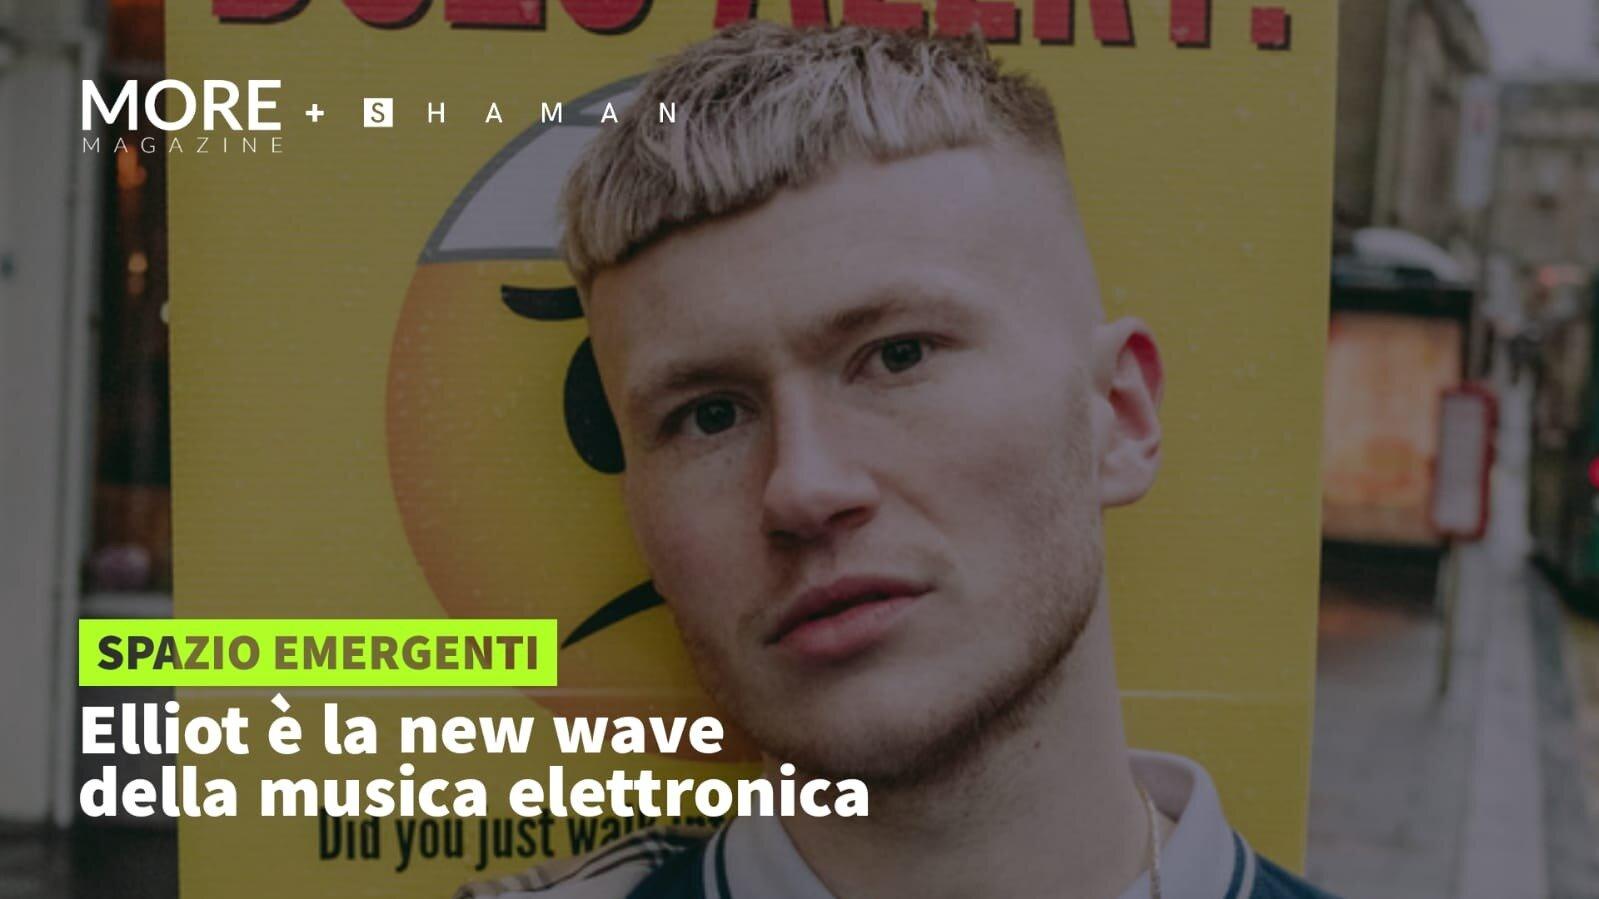 Elliot è la new wave della musica elettronica